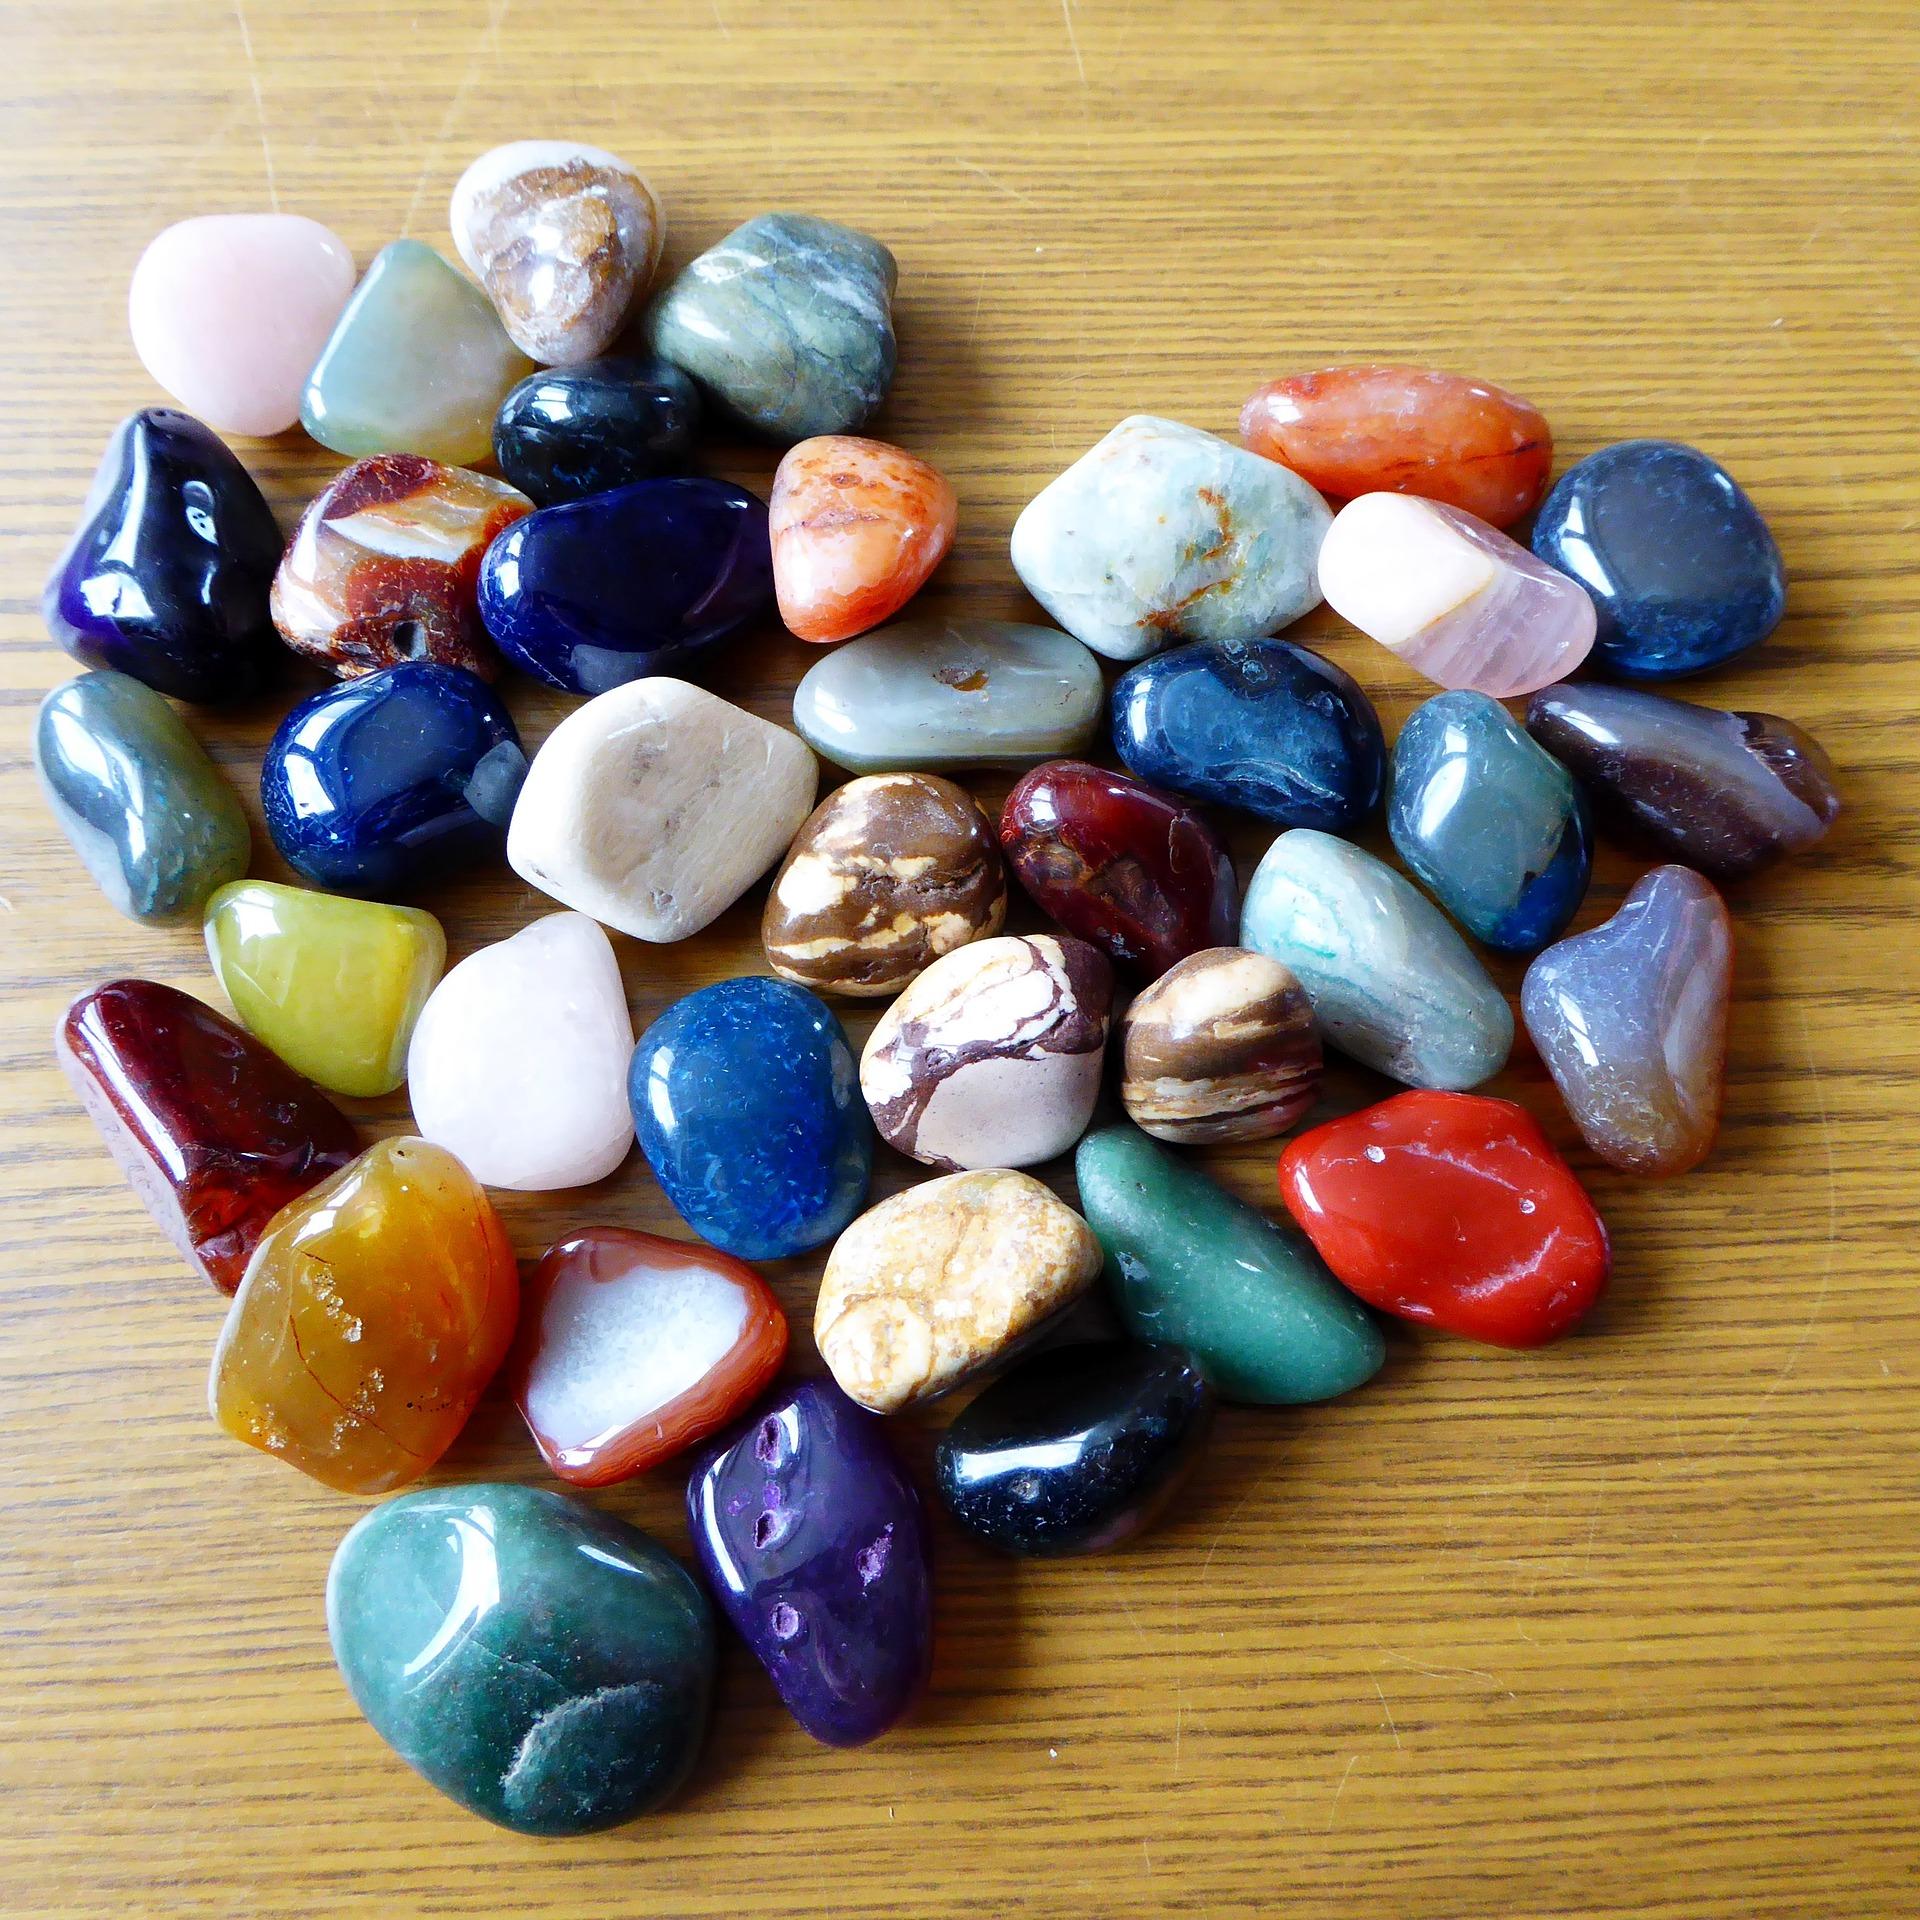 أحجار عقيق على شكل قلب